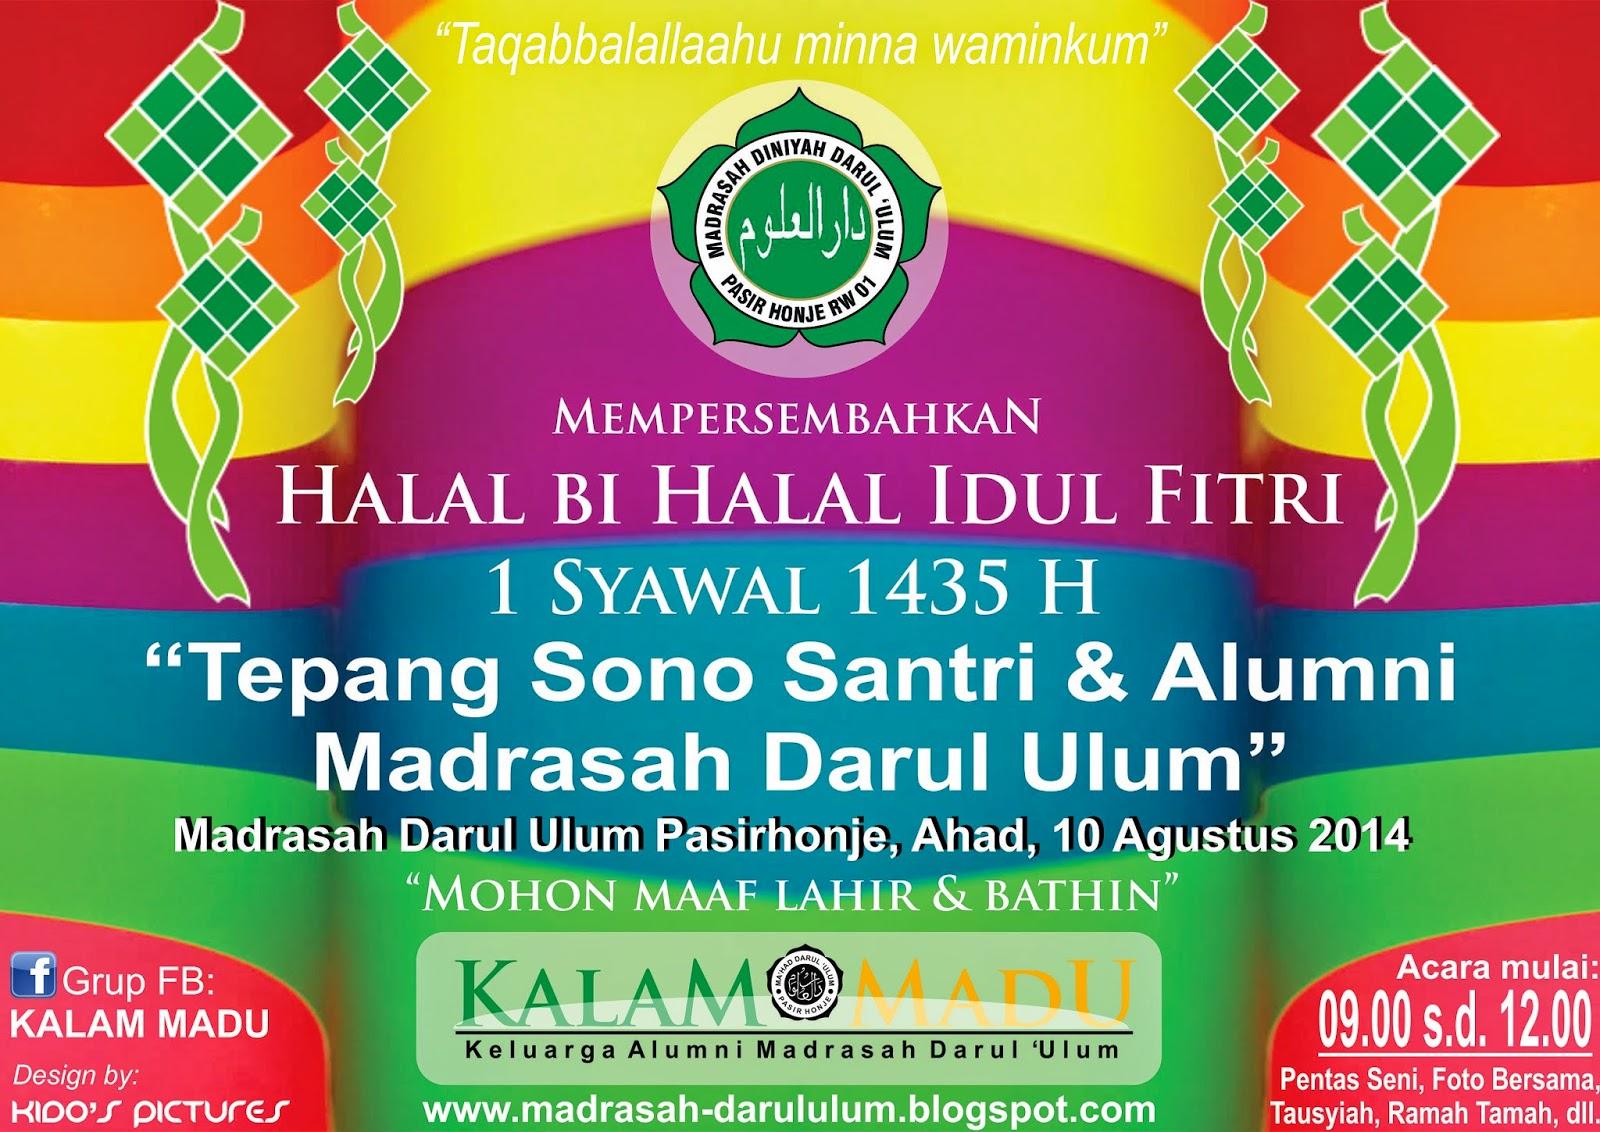 Madrasah Darul Ulum